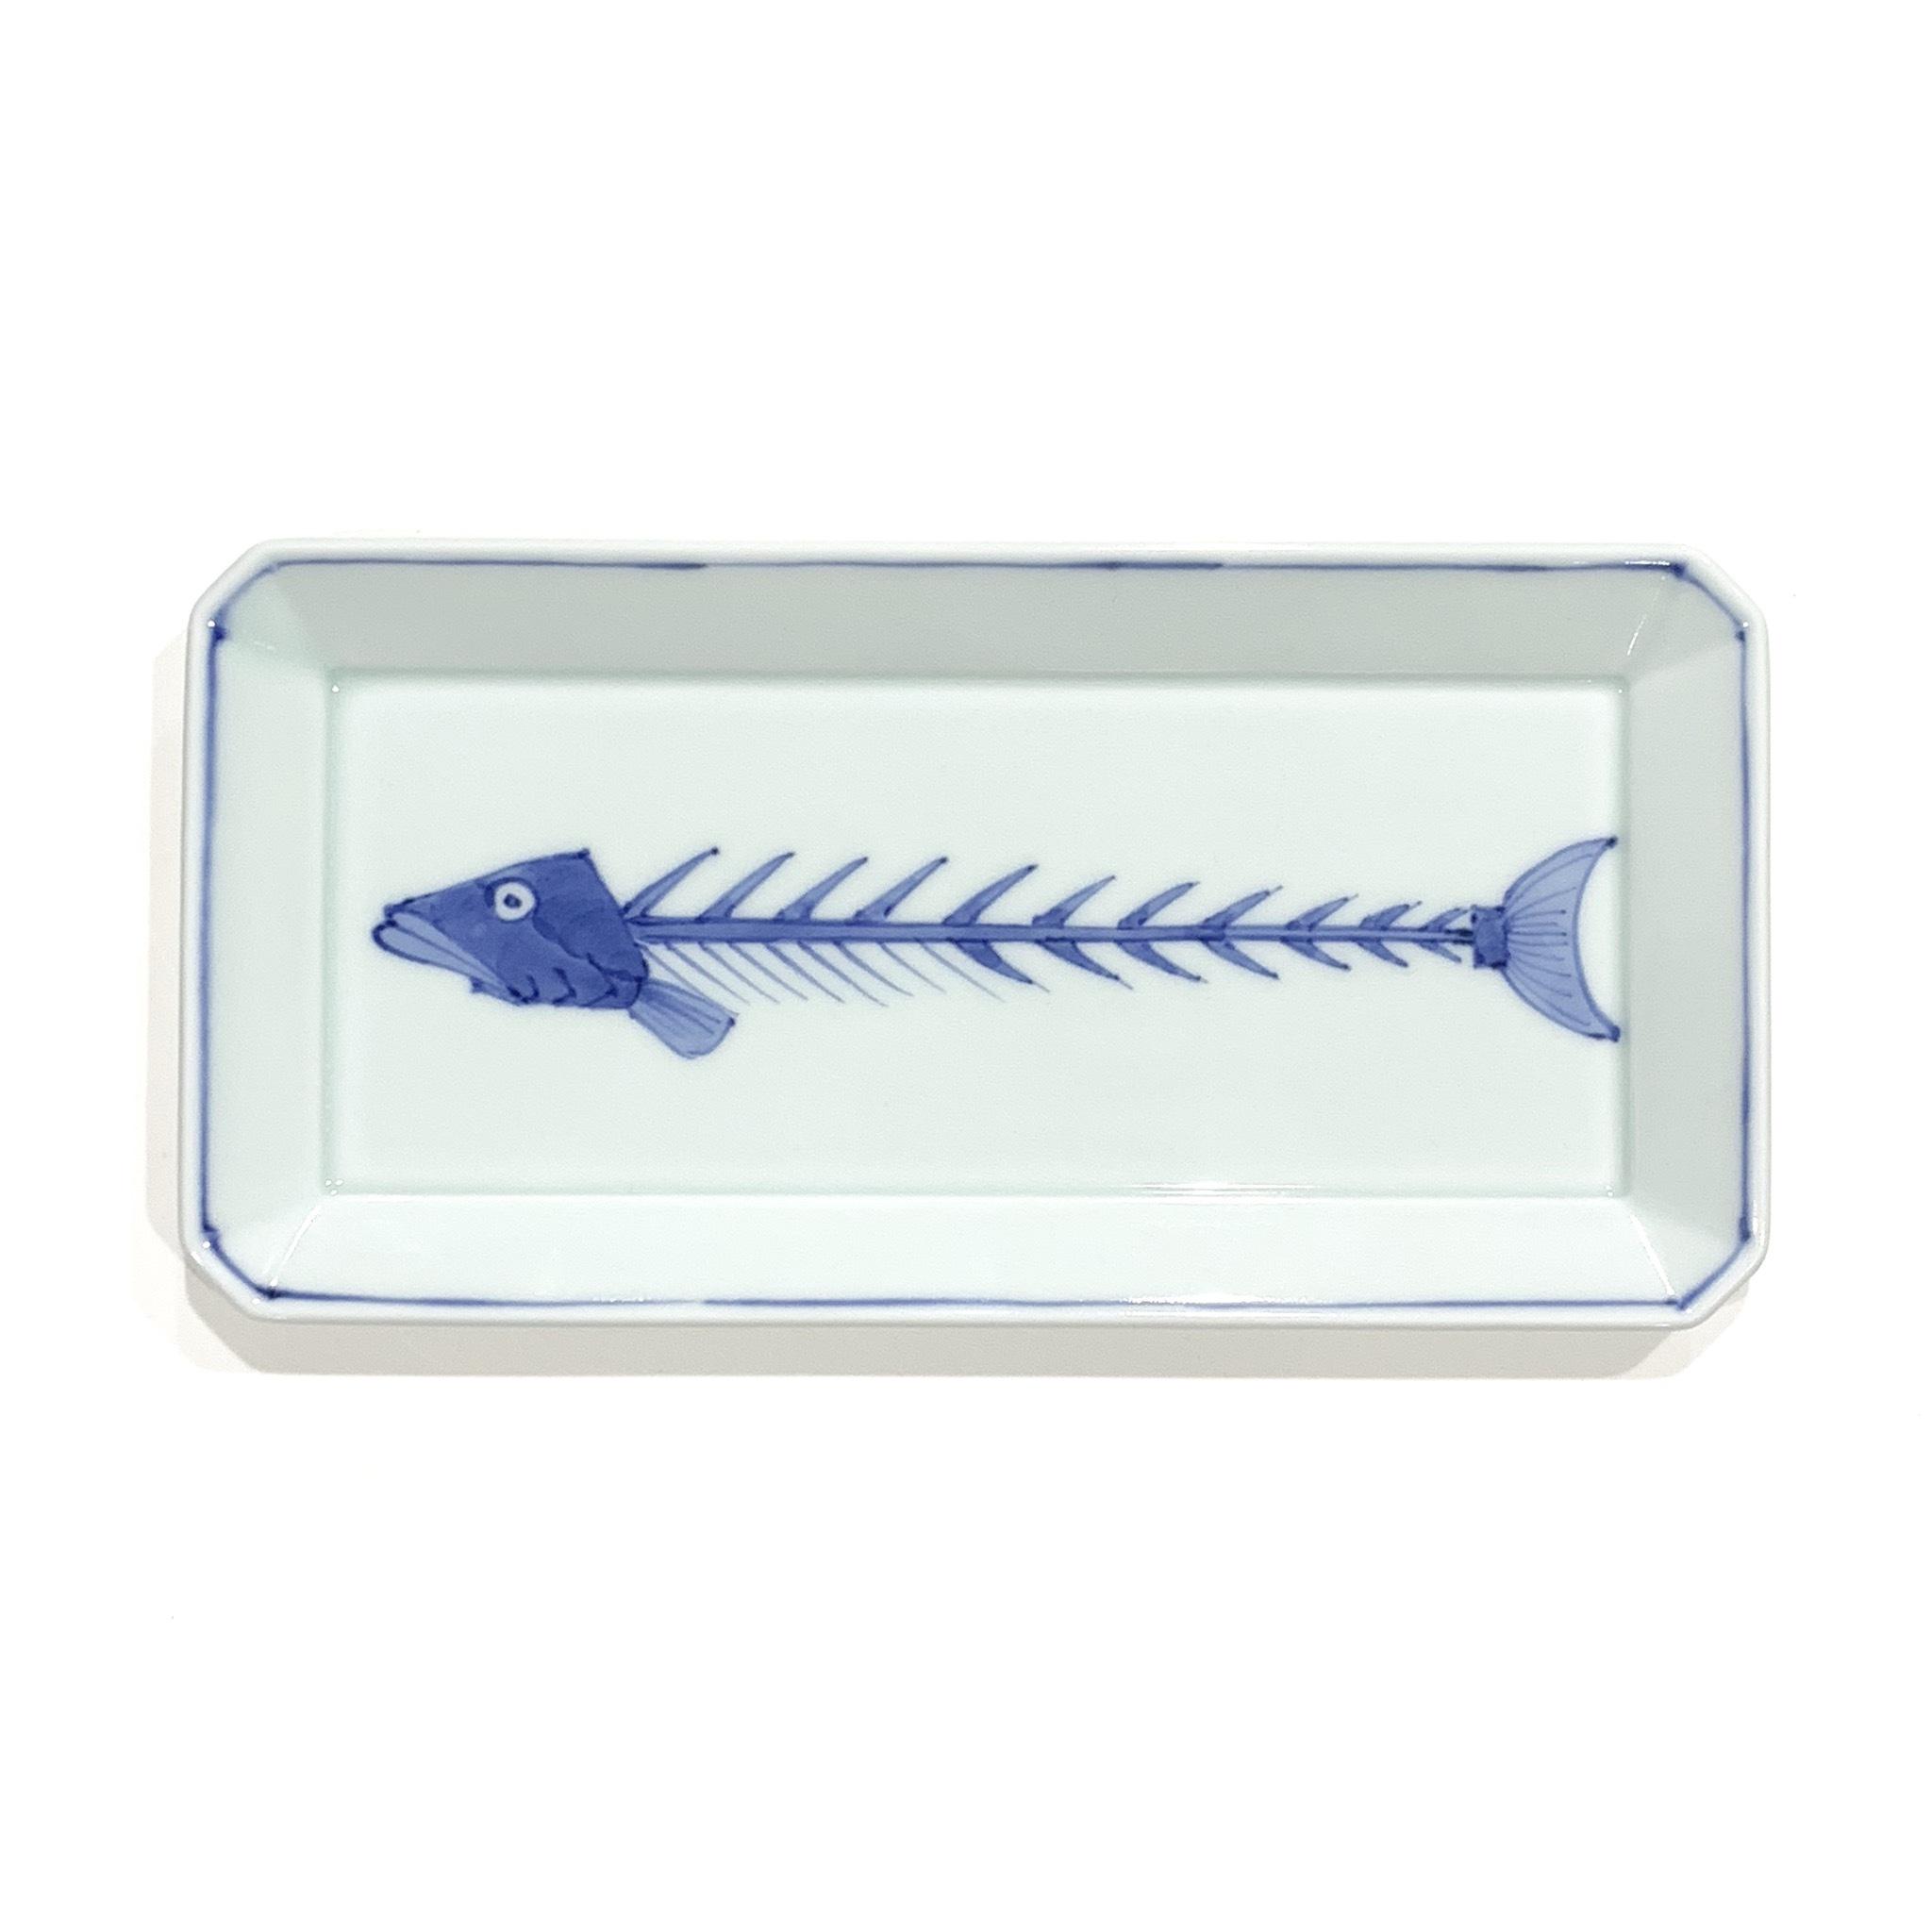 染付魚(骨) 長角皿  中